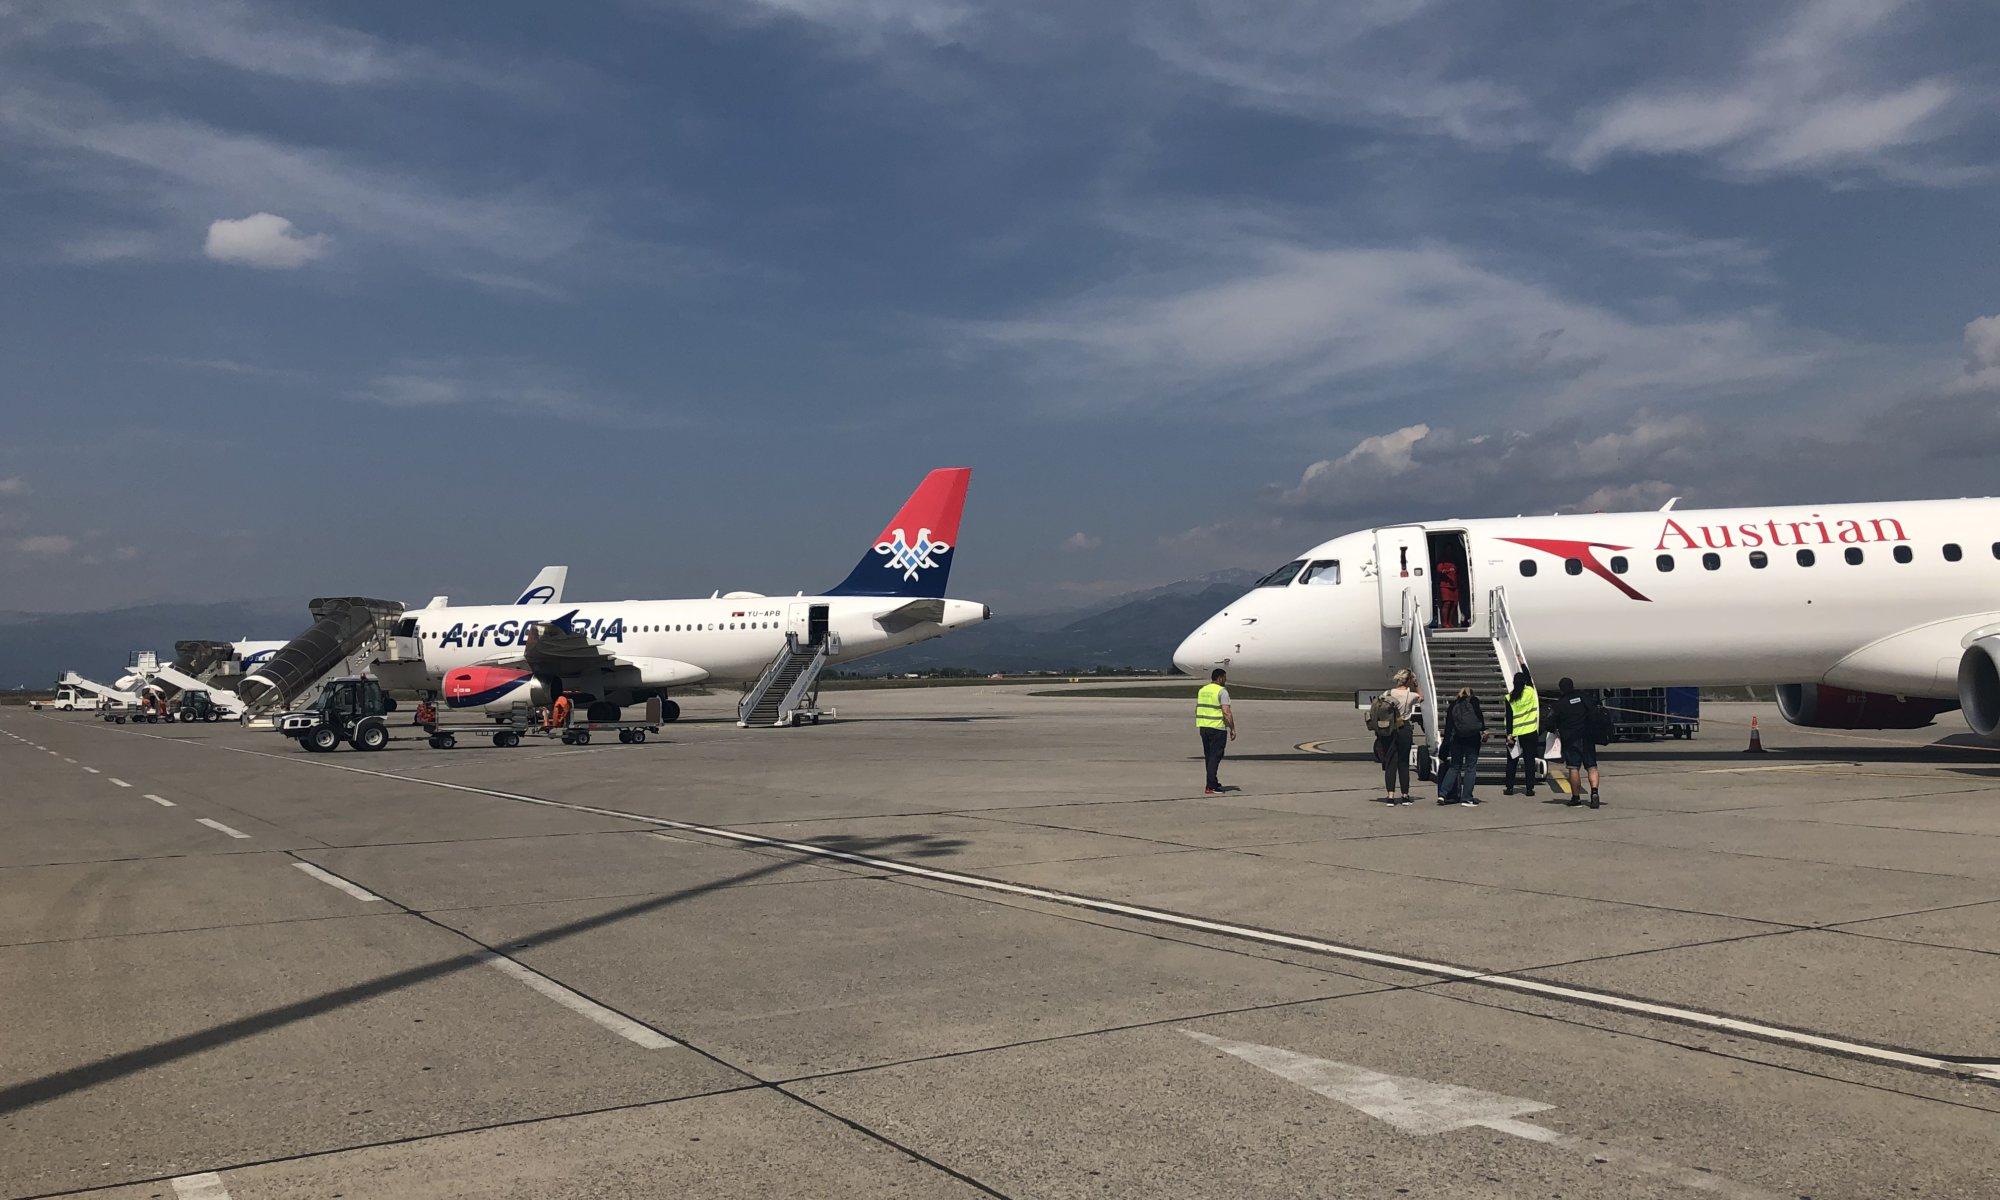 Aerodrom Podgorica, Montenegro